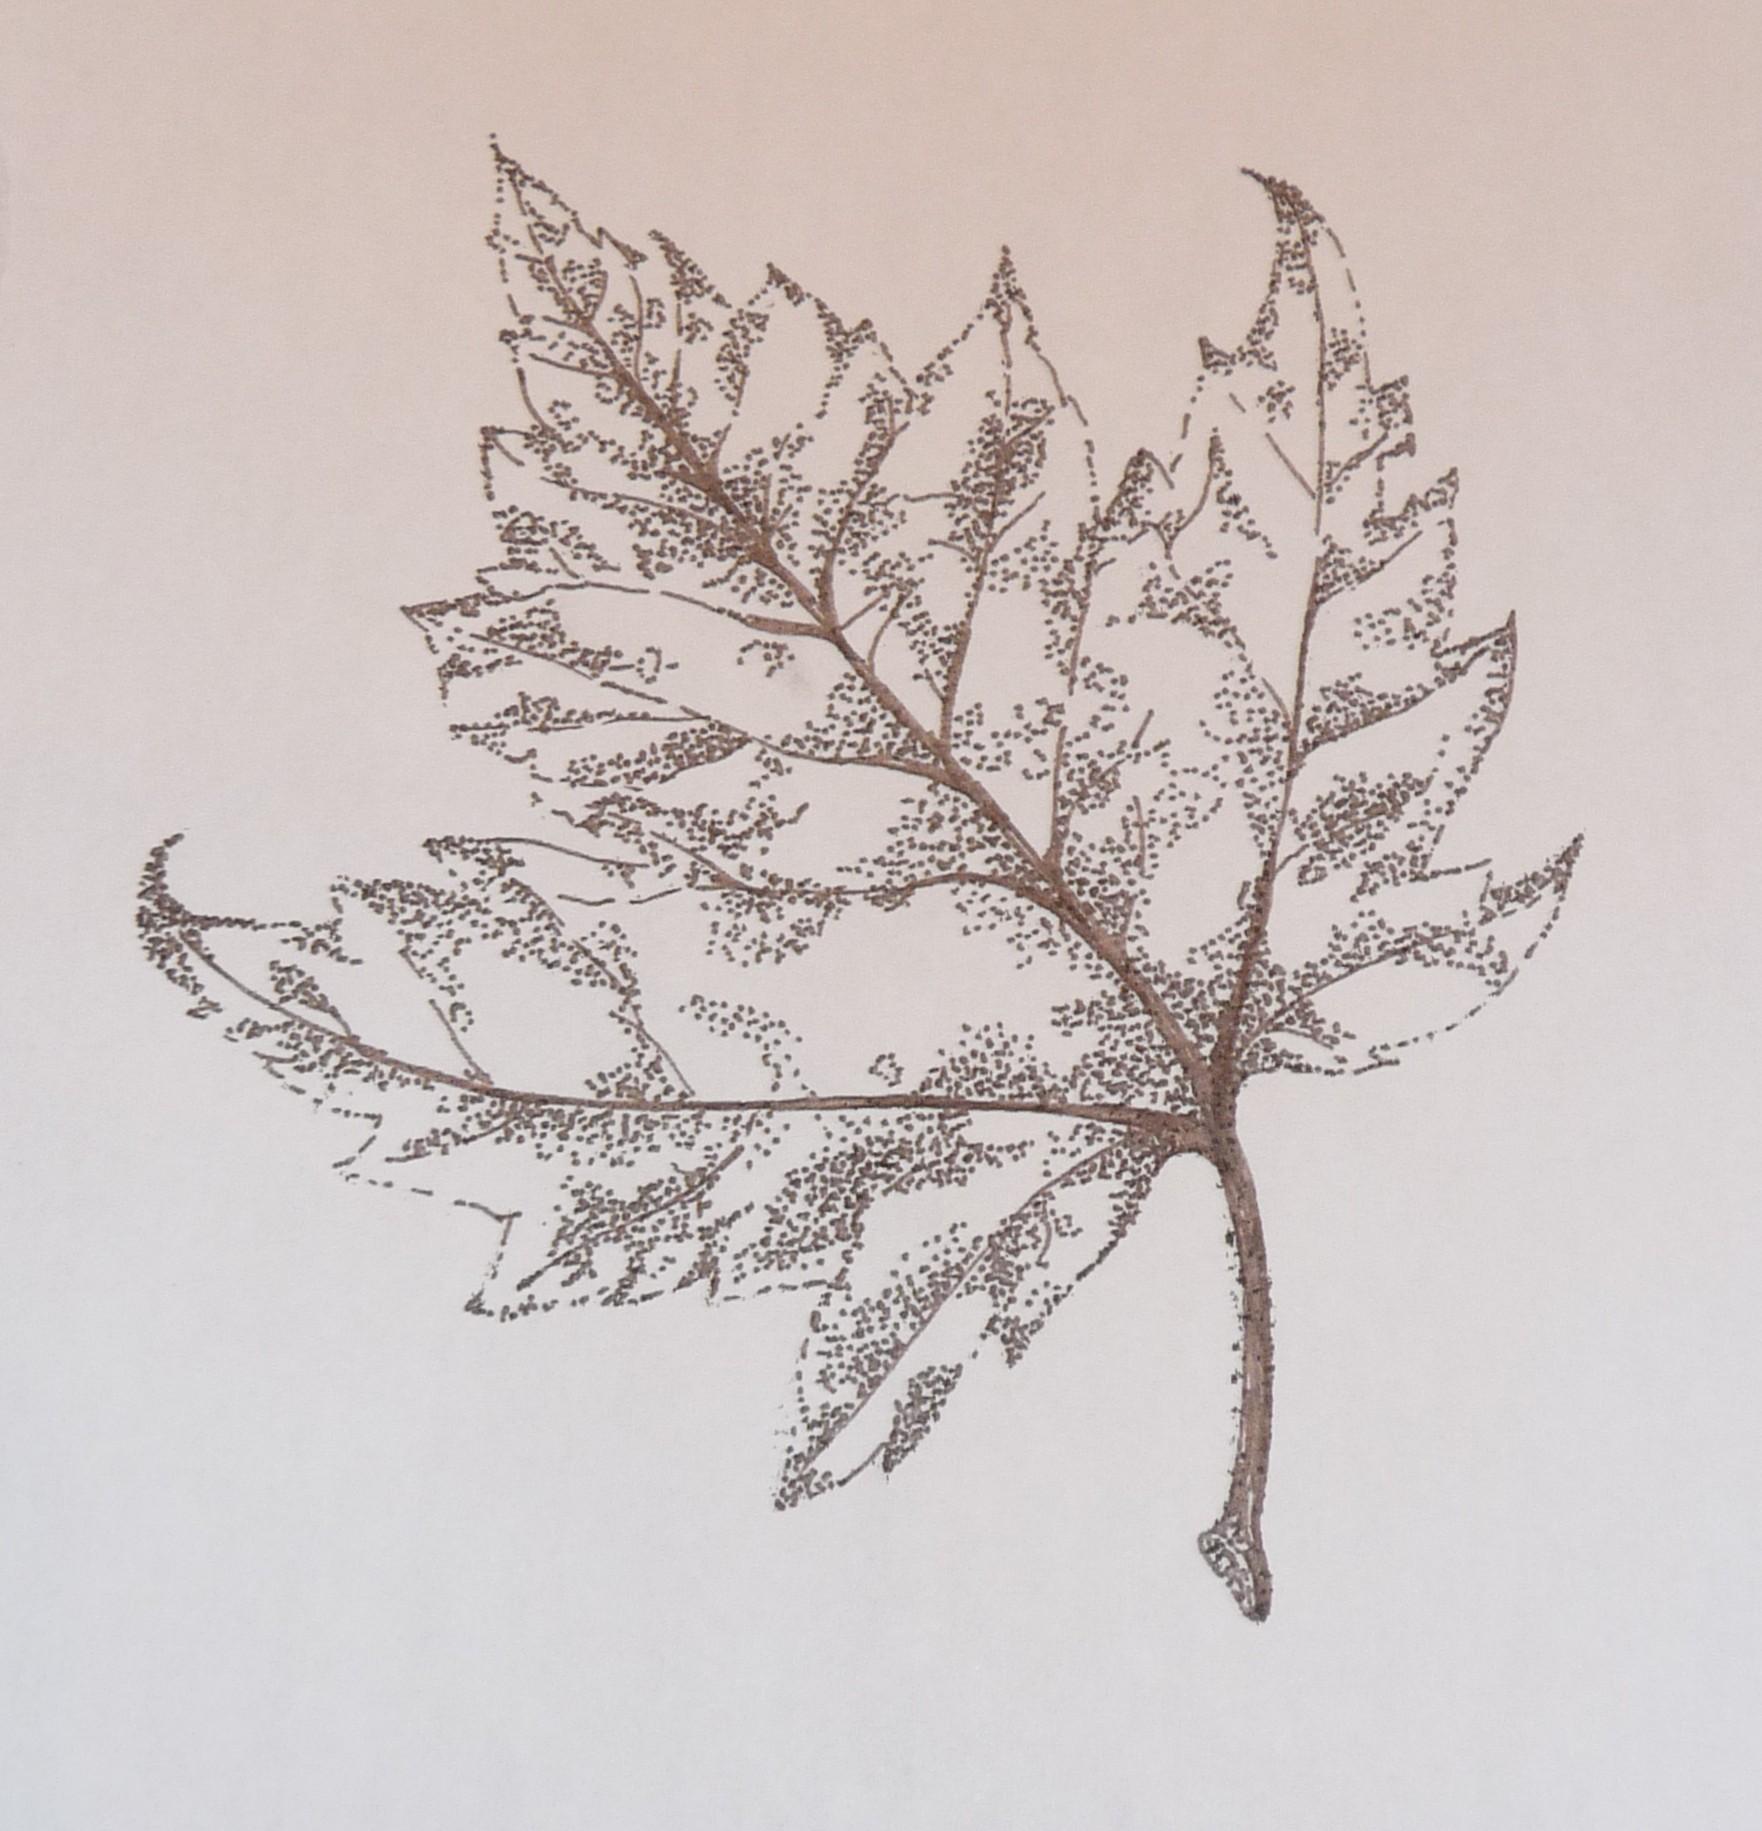 Drawn pen leaf 08 05 Pen  Nicholls